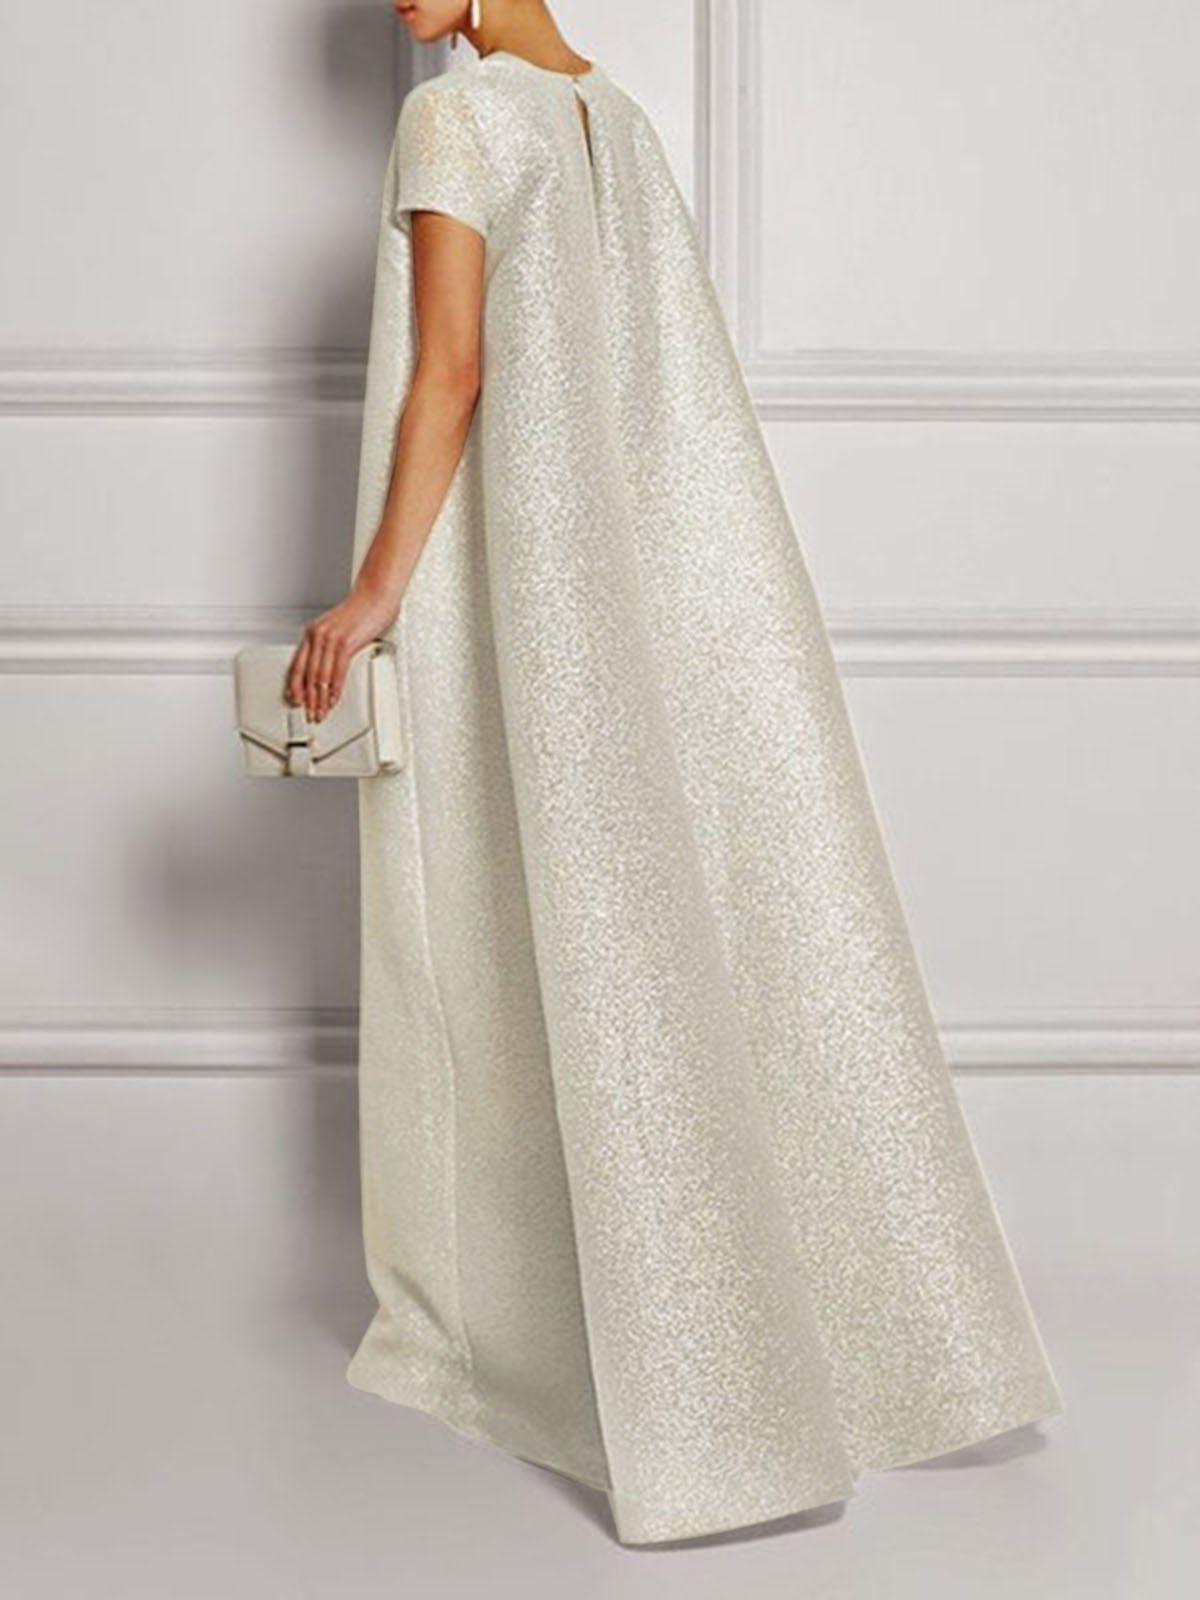 Chicdore Prom Dresses Formal Dresses Prom Shift V Neck Glitter